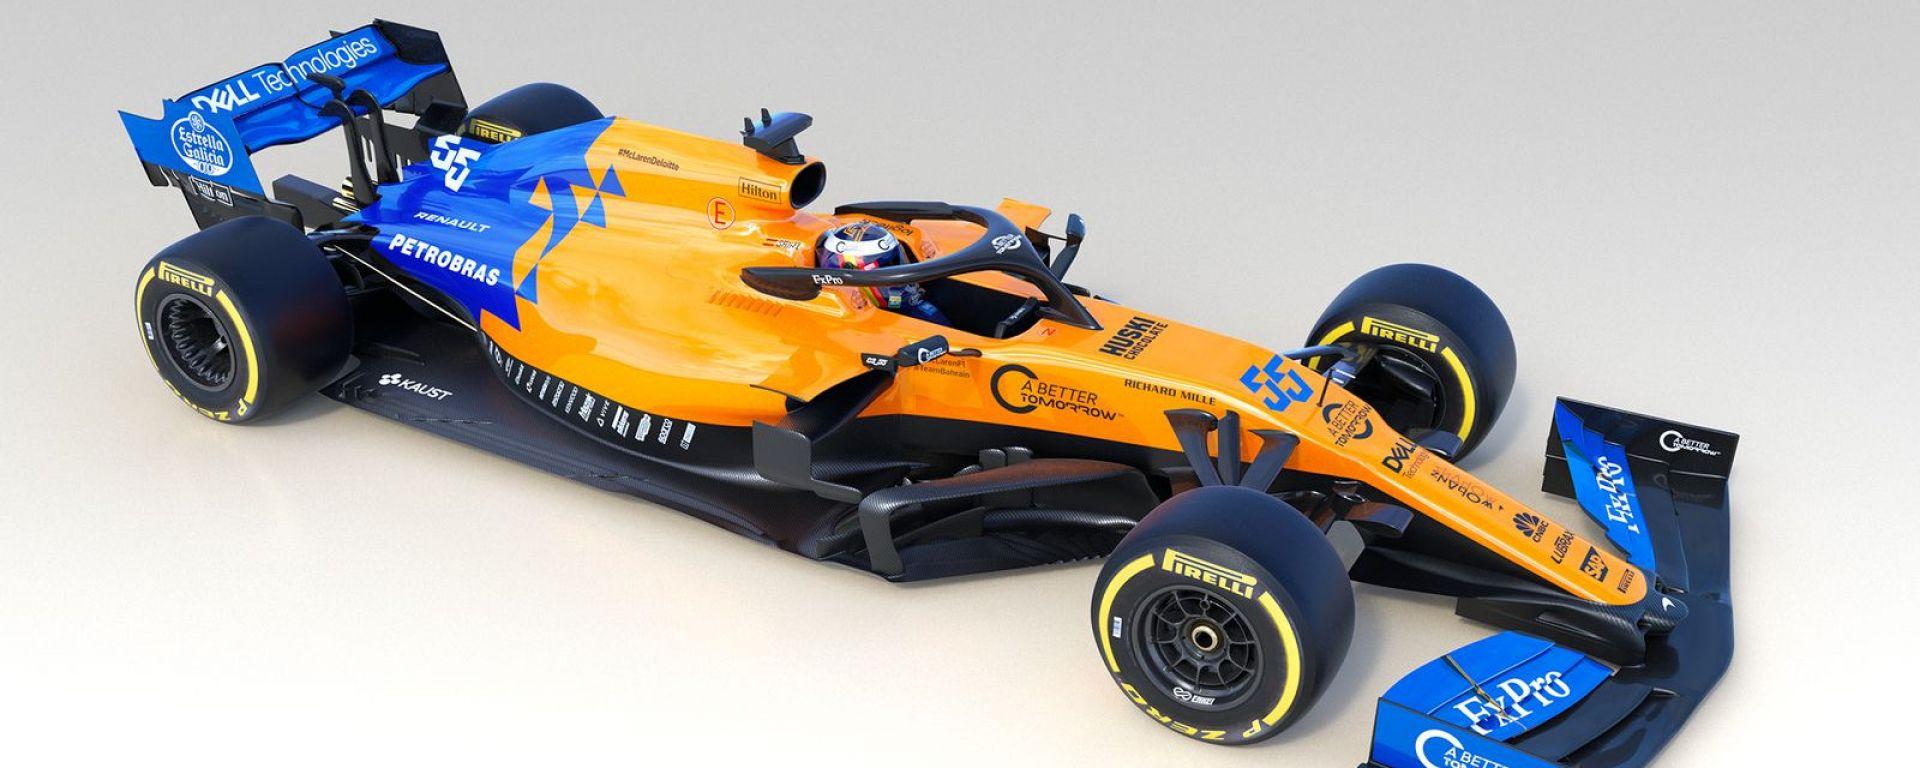 Presentata LIVE la McLaren MCL34: video, gallery e dichiarazioni